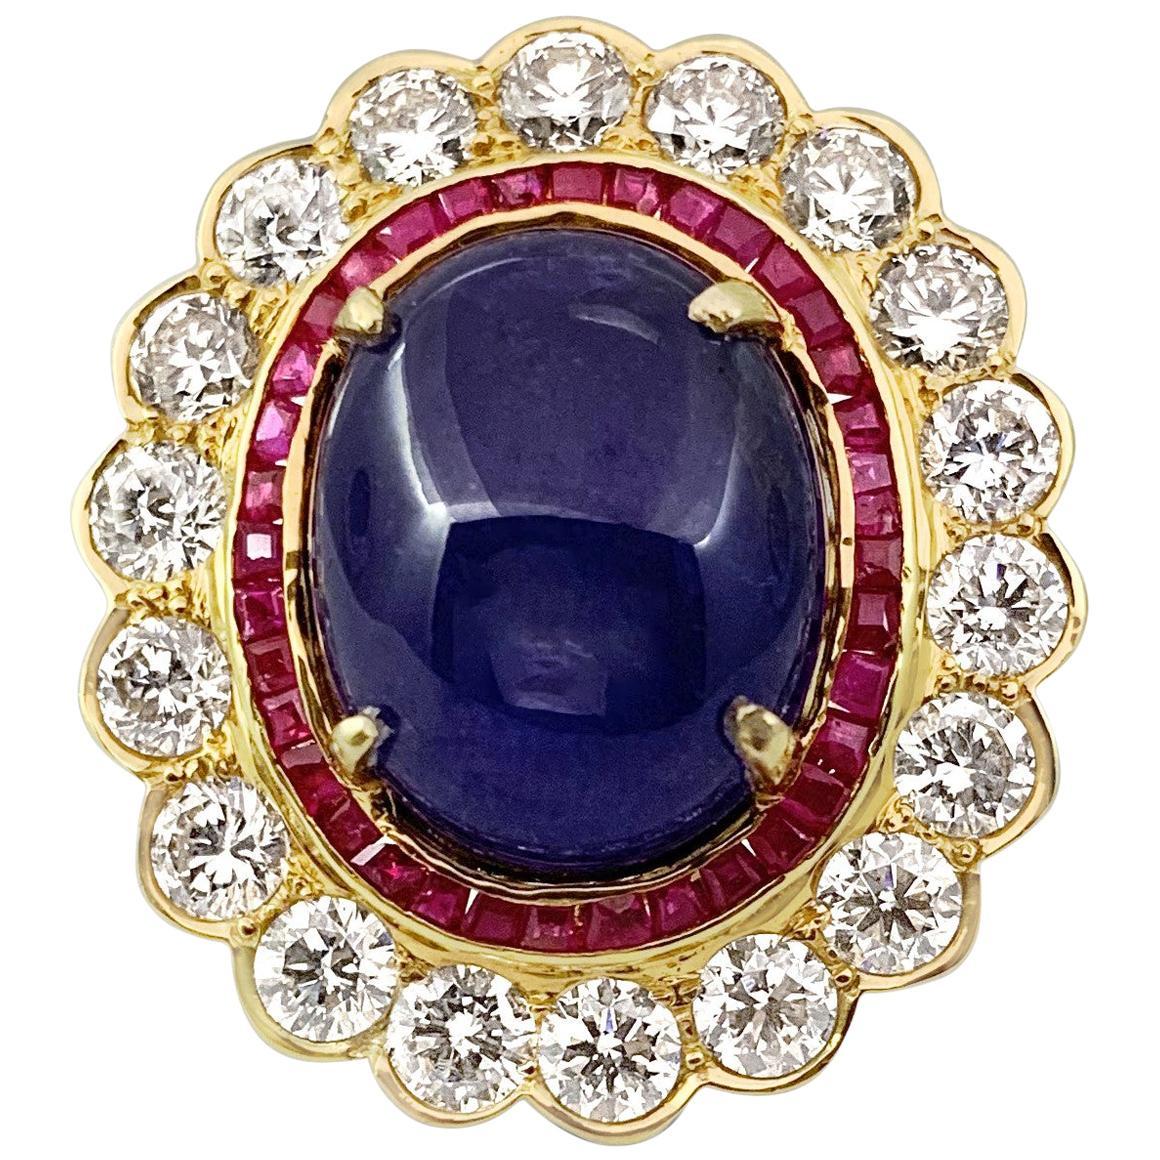 20 Carat Tanzanite and Diamond Ring, 18 Karat Gold